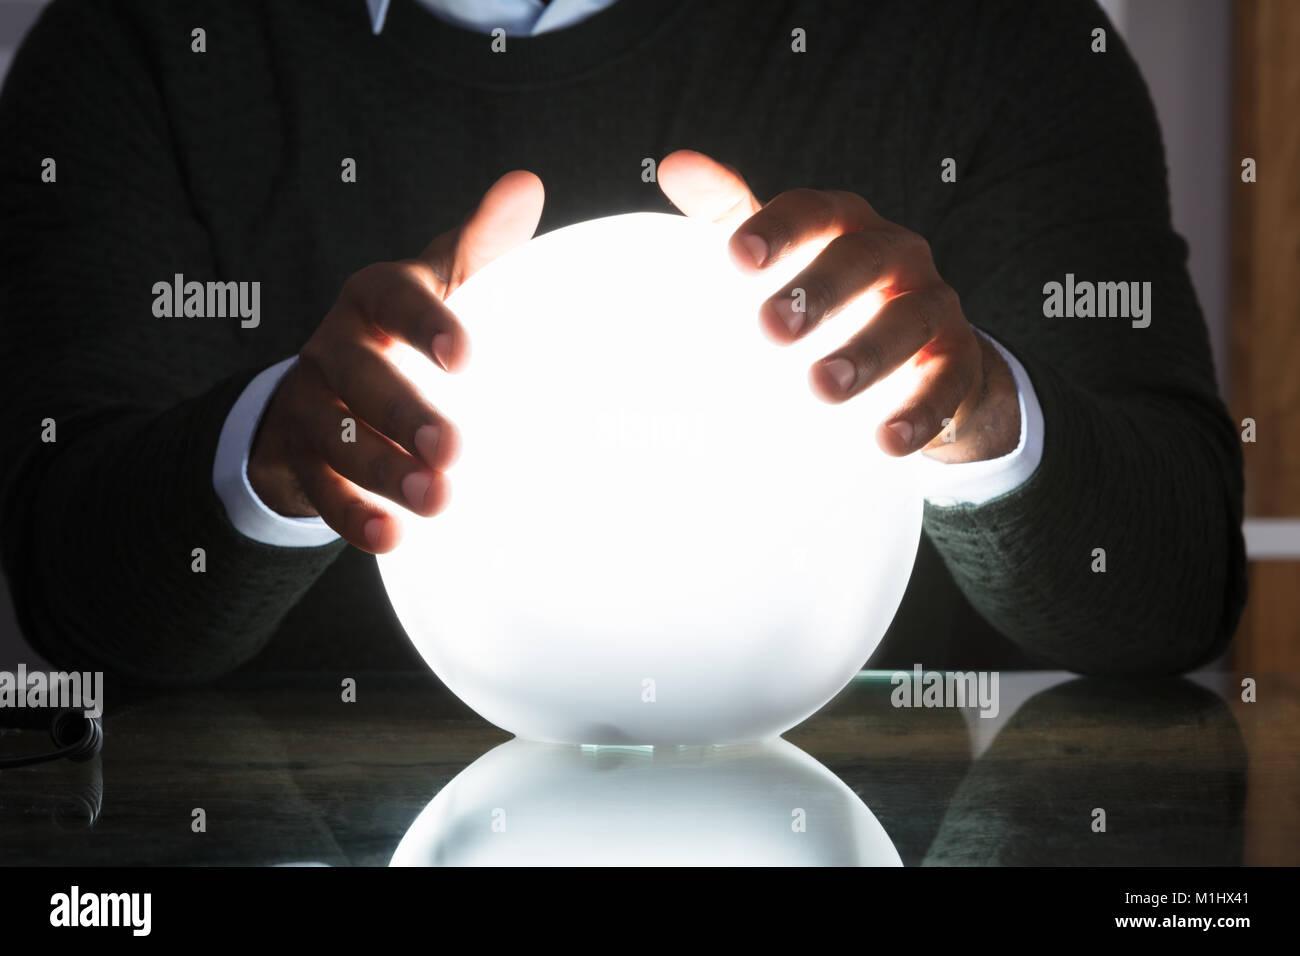 Close-up di imprenditore le mani sulla sfera di cristallo sulla scrivania in ufficio Immagini Stock